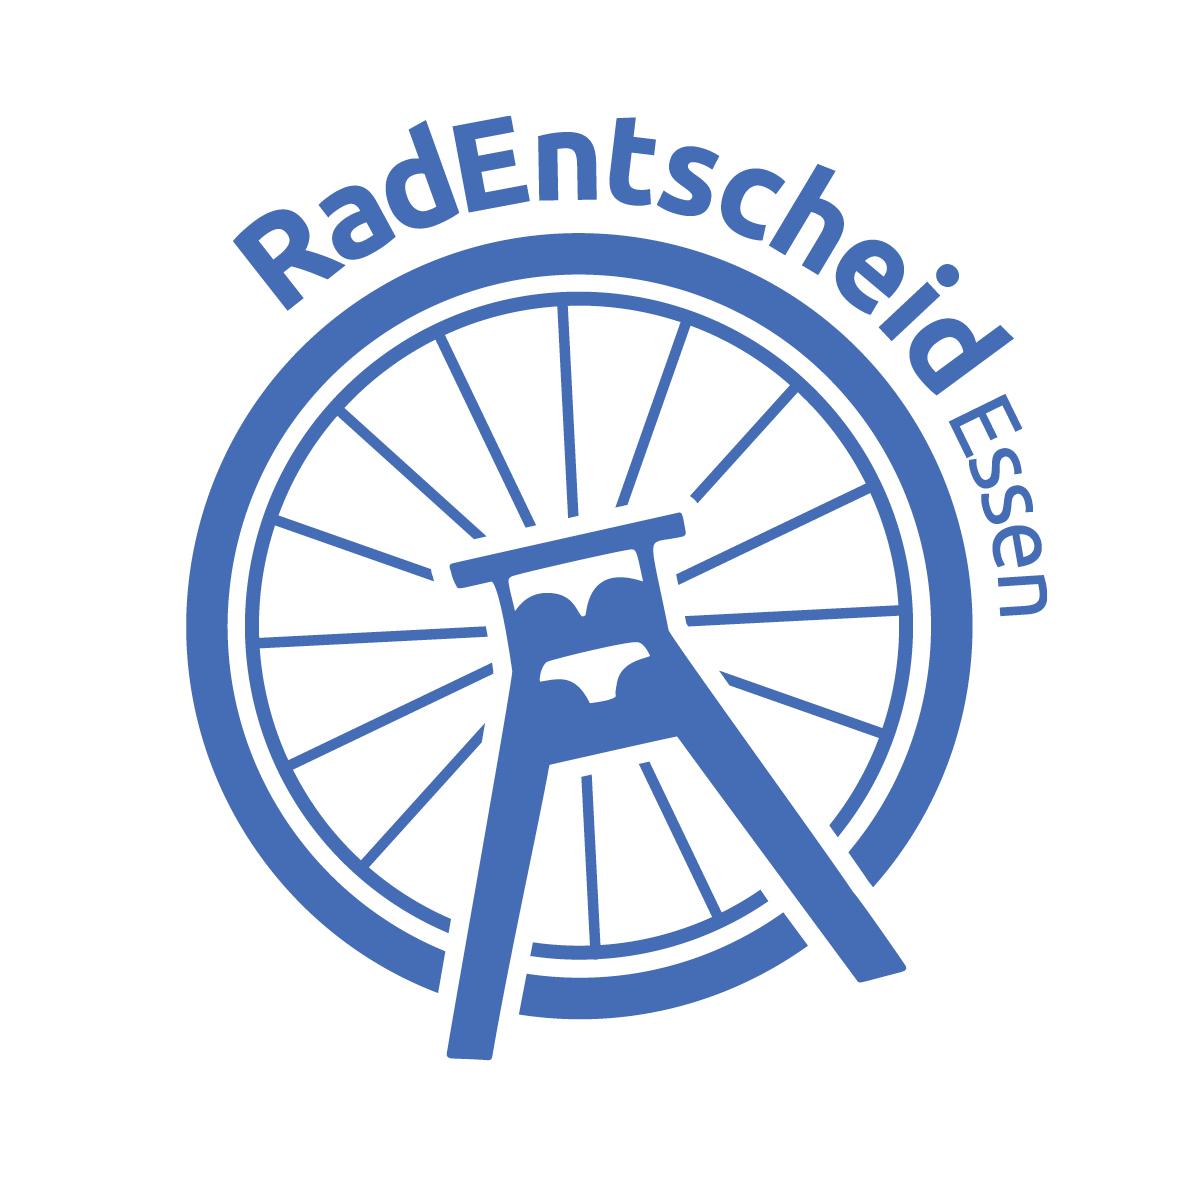 RadEntscheid Essen